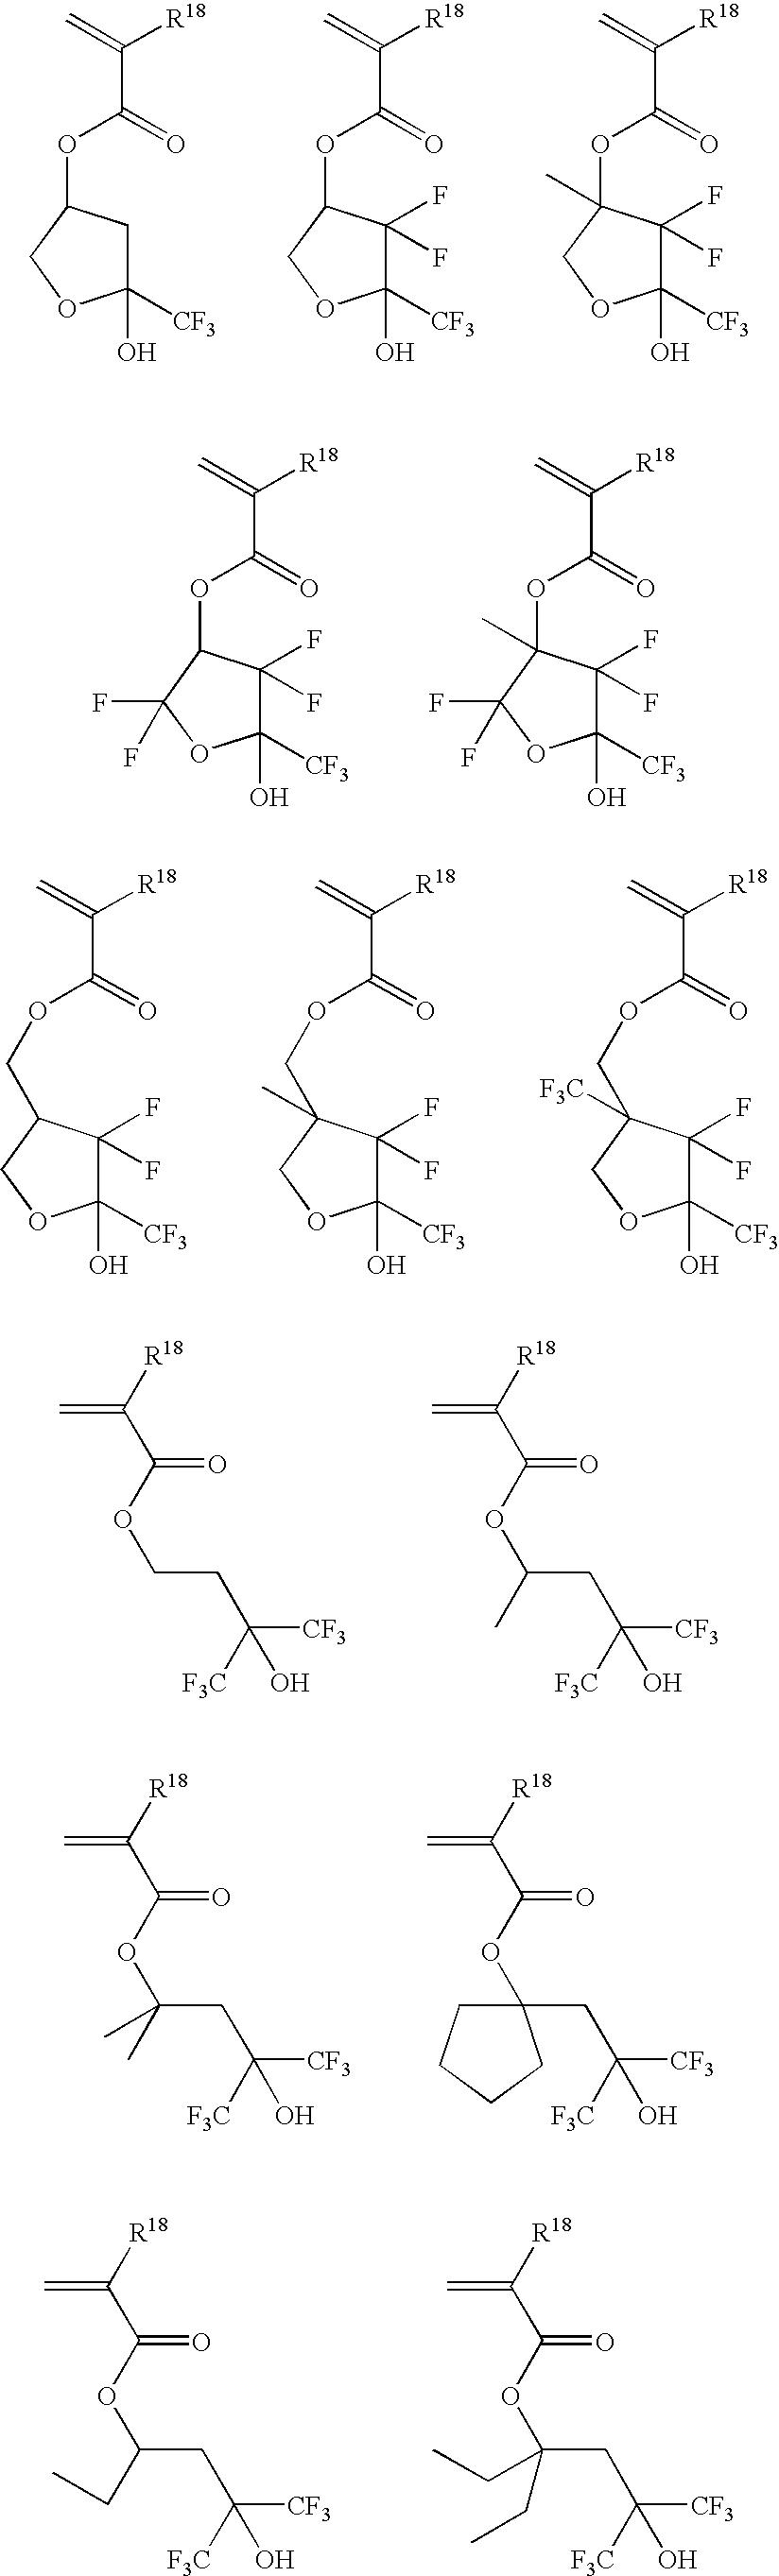 Figure US20100178617A1-20100715-C00060